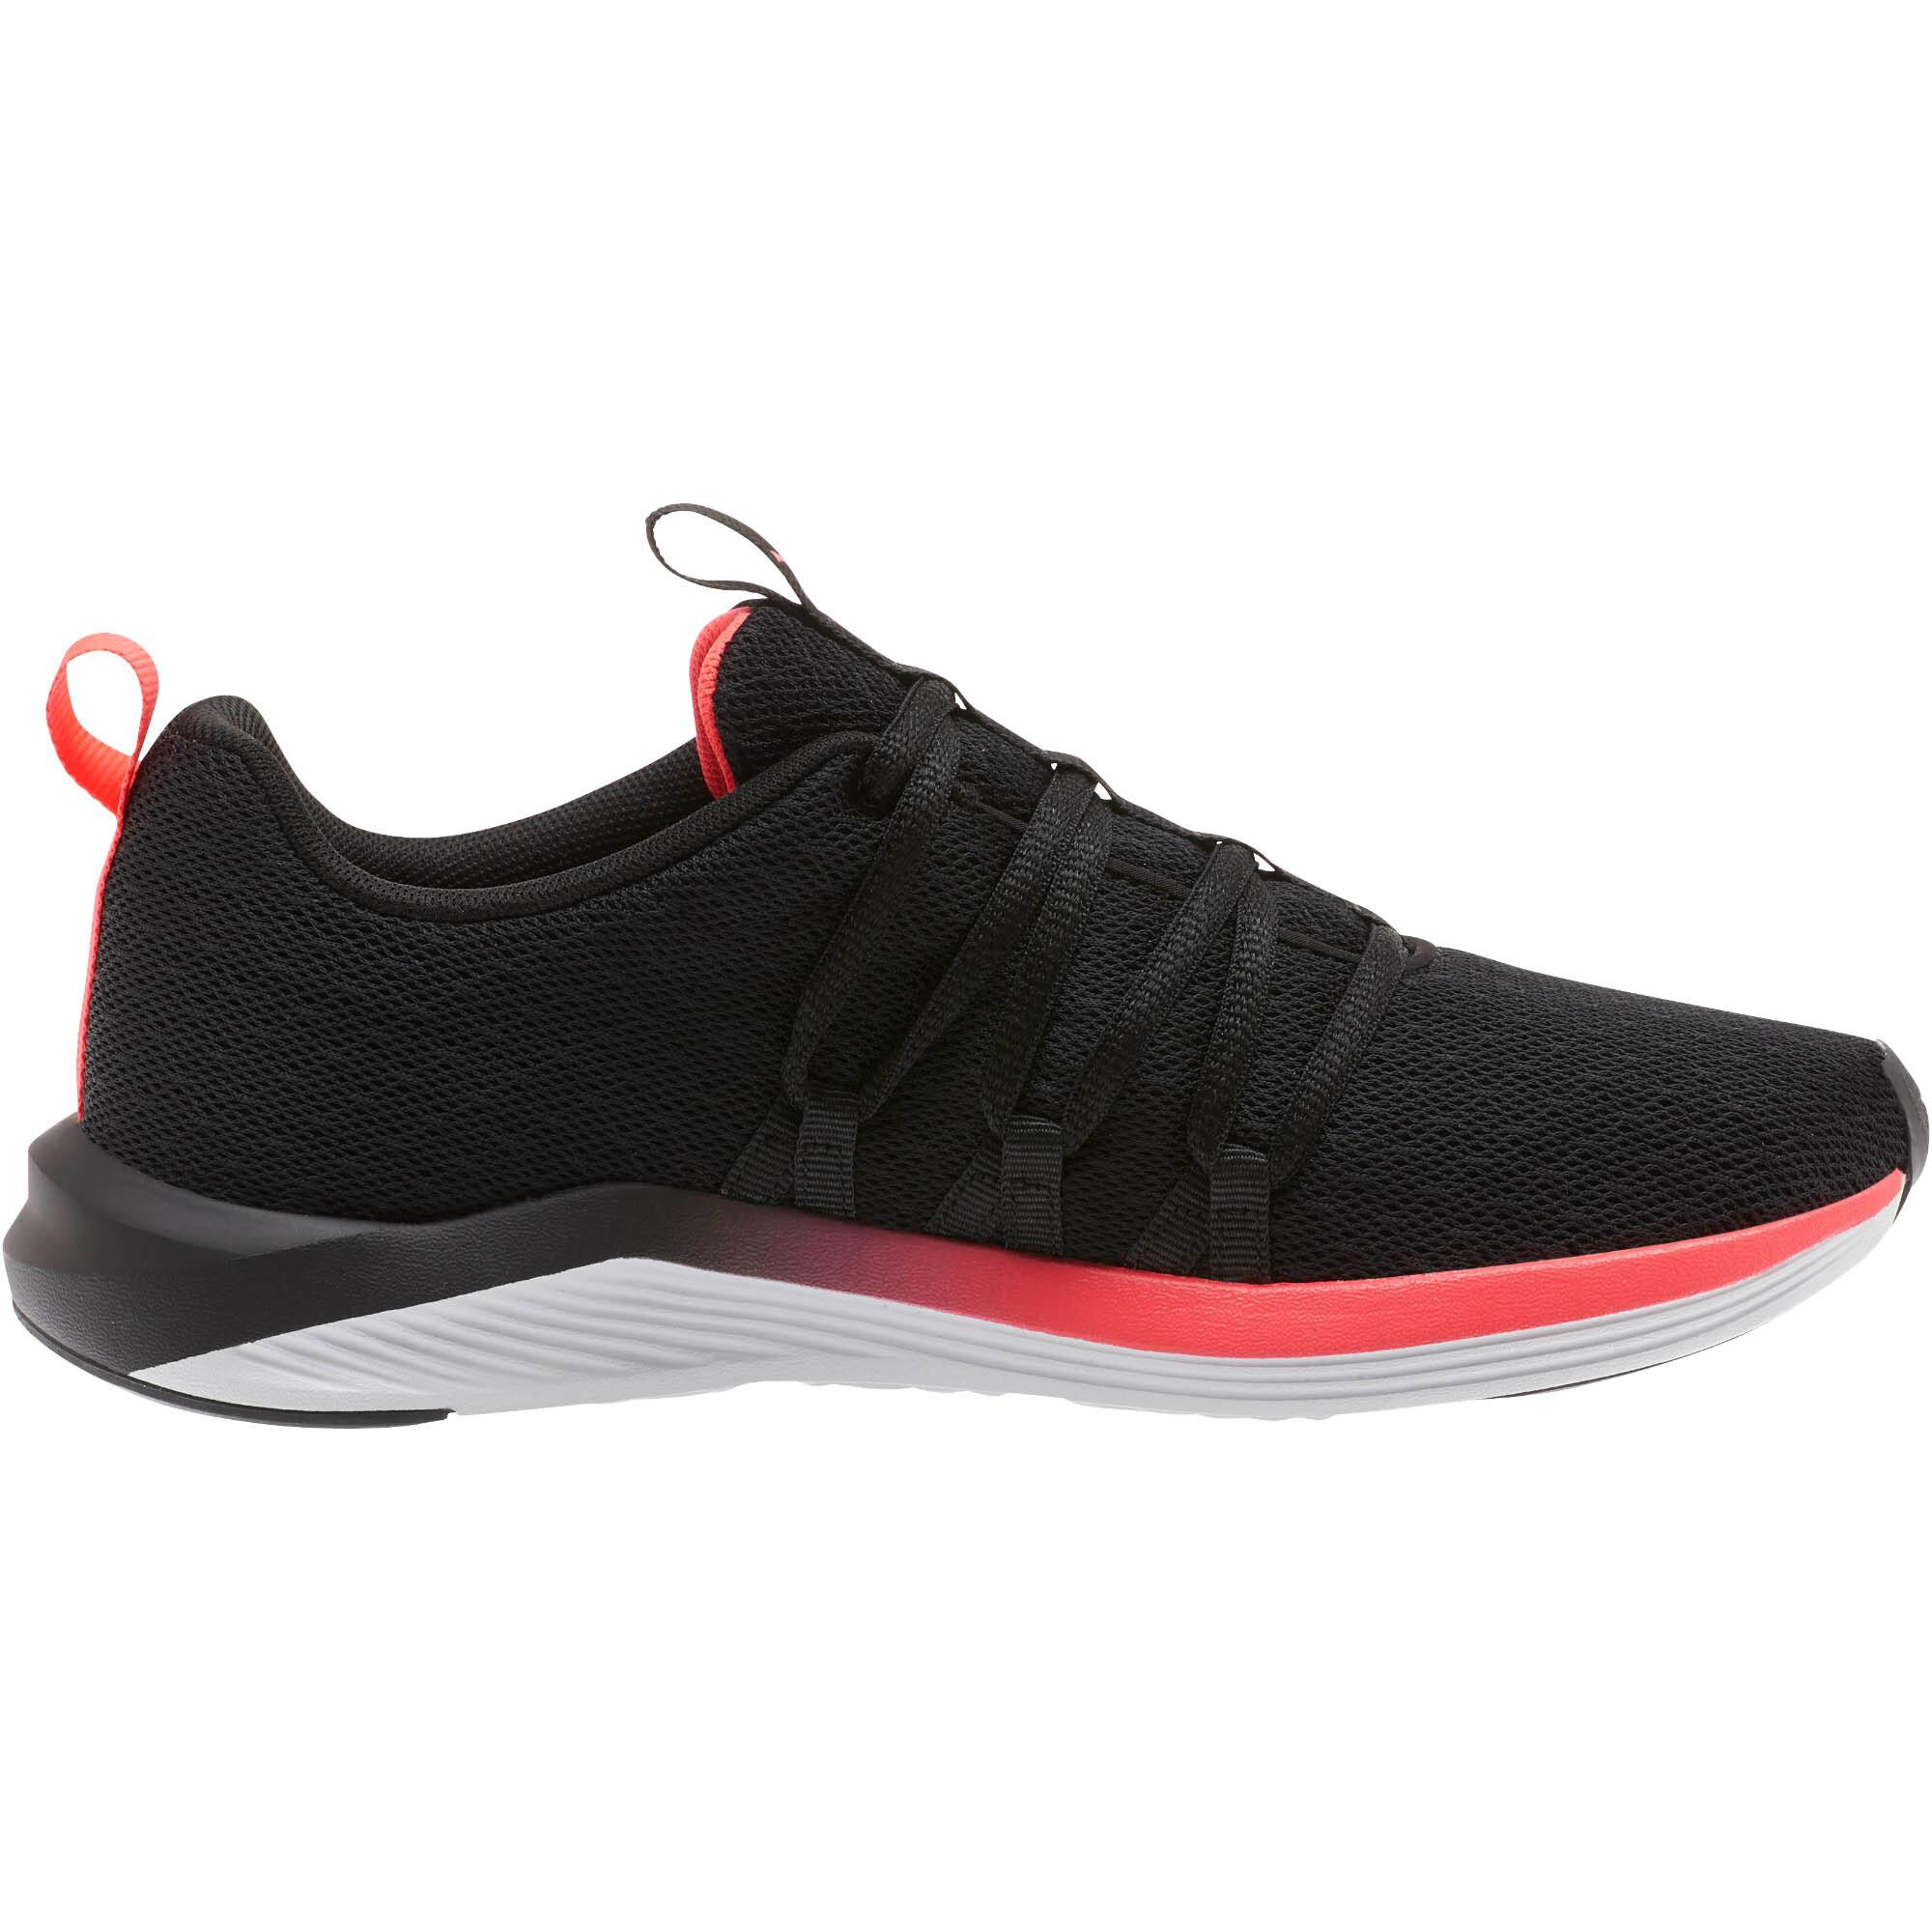 PUMA-Prowl-Alt-Fade-Women-s-Training-Shoes-Women-Shoe-Training thumbnail 5